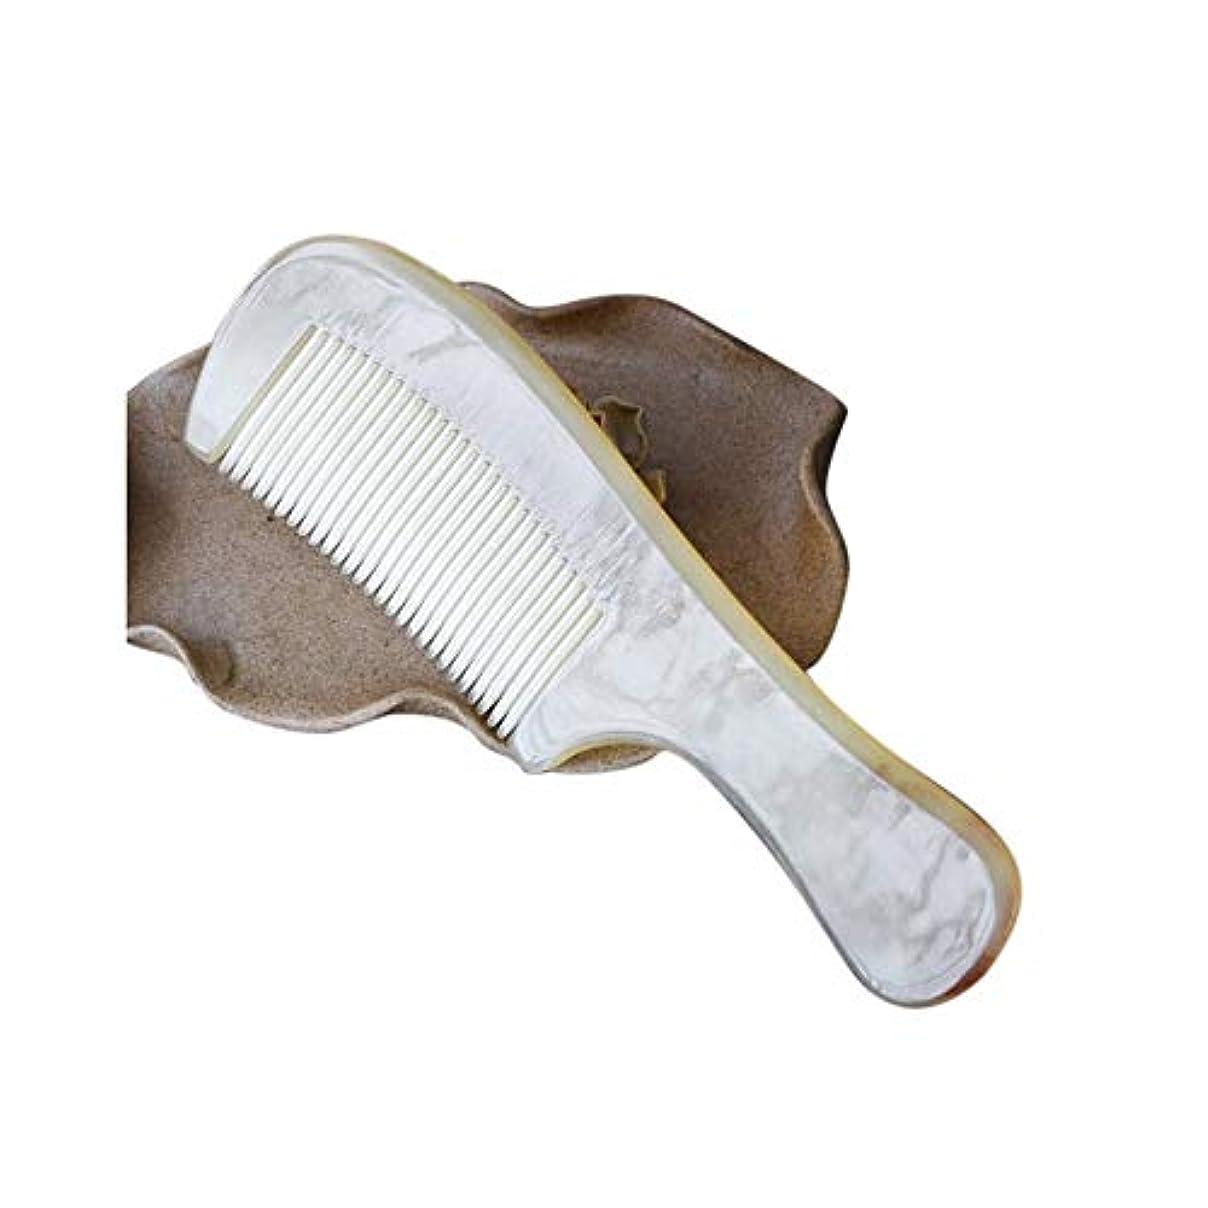 メロンに対処する材料KEYI 自然工芸羊ホーンくし、女性&男性用静電気防止コーム